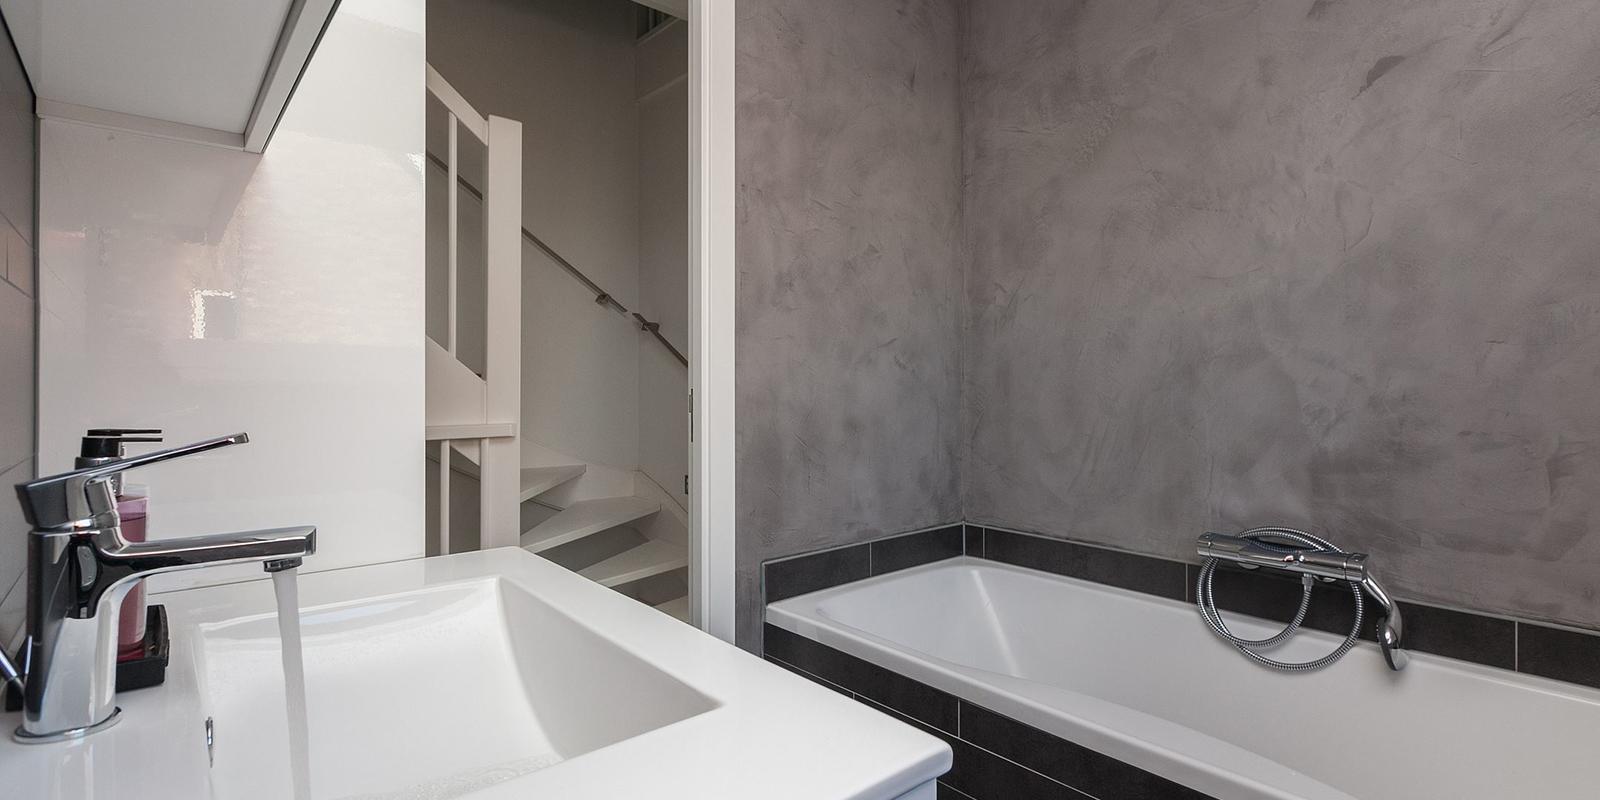 Beton cire prijzen 2019 vergelijk kosten betonstuc for Wat kost stucen per m2